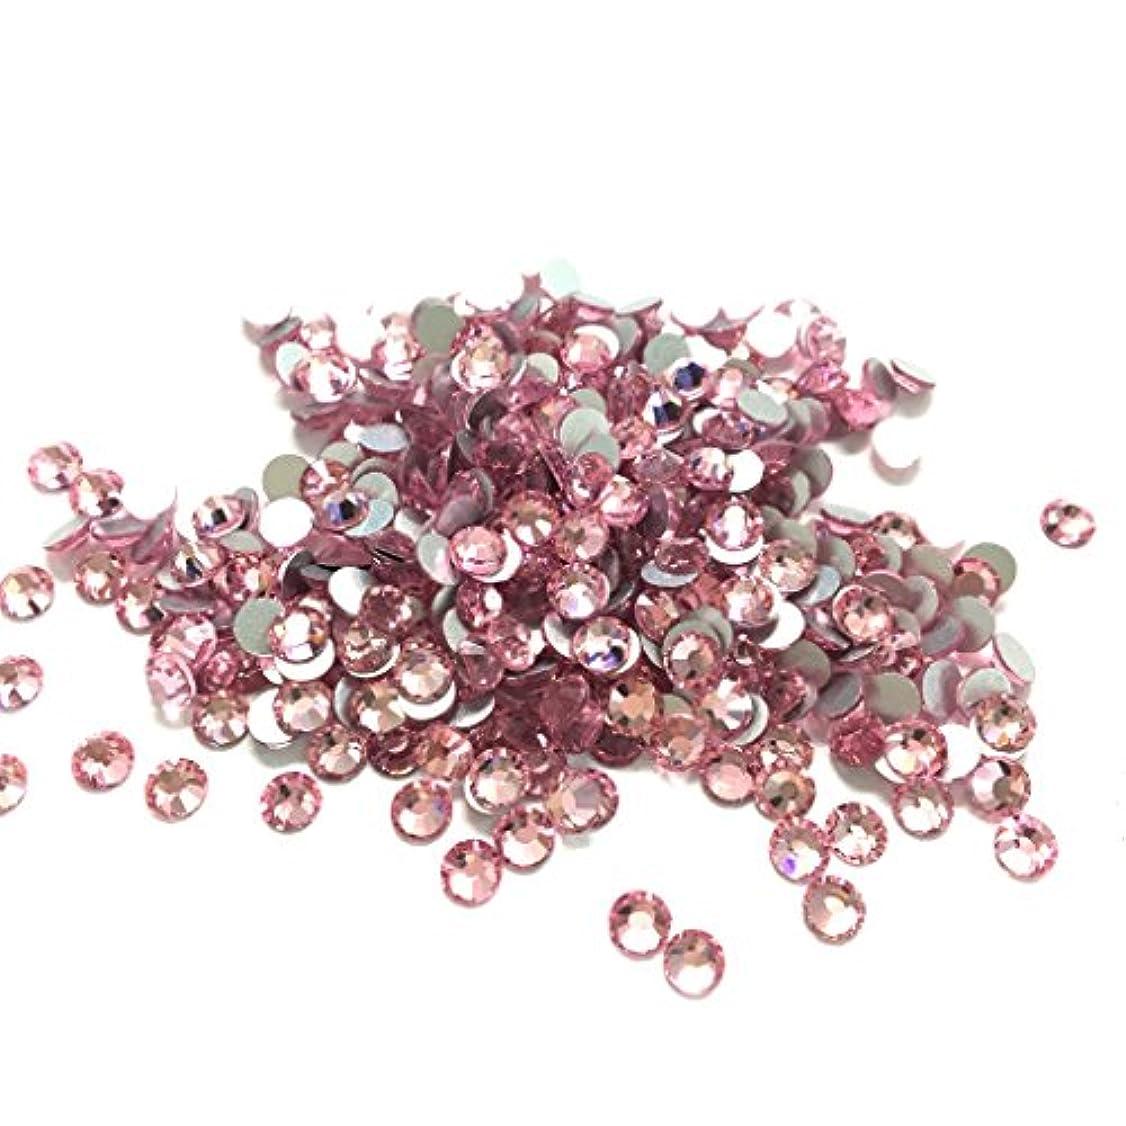 【ネイルウーマン】スワロ同等の輝き!最高品質ガラスストーン 薄ピンク ライトローズ ラインストーン … (SS10, ライトローズ(薄ピンク))